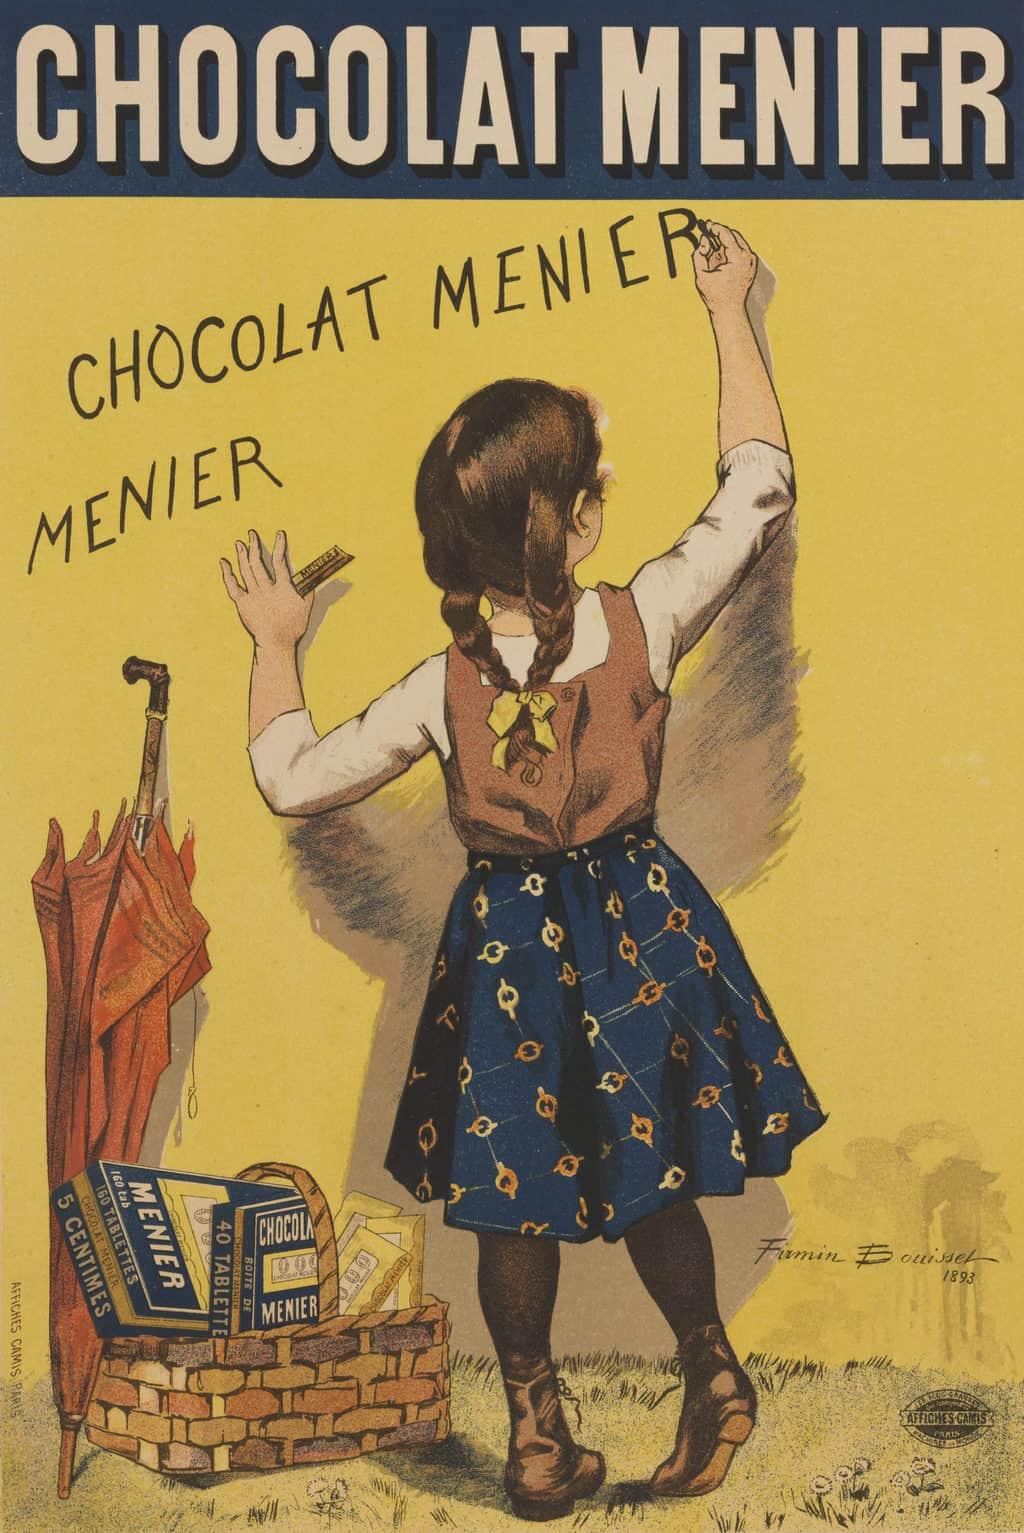 פוסטר פרסומי לשוקולד מנייה משנת 1893. מקור תמונה: ויקיפדיה.